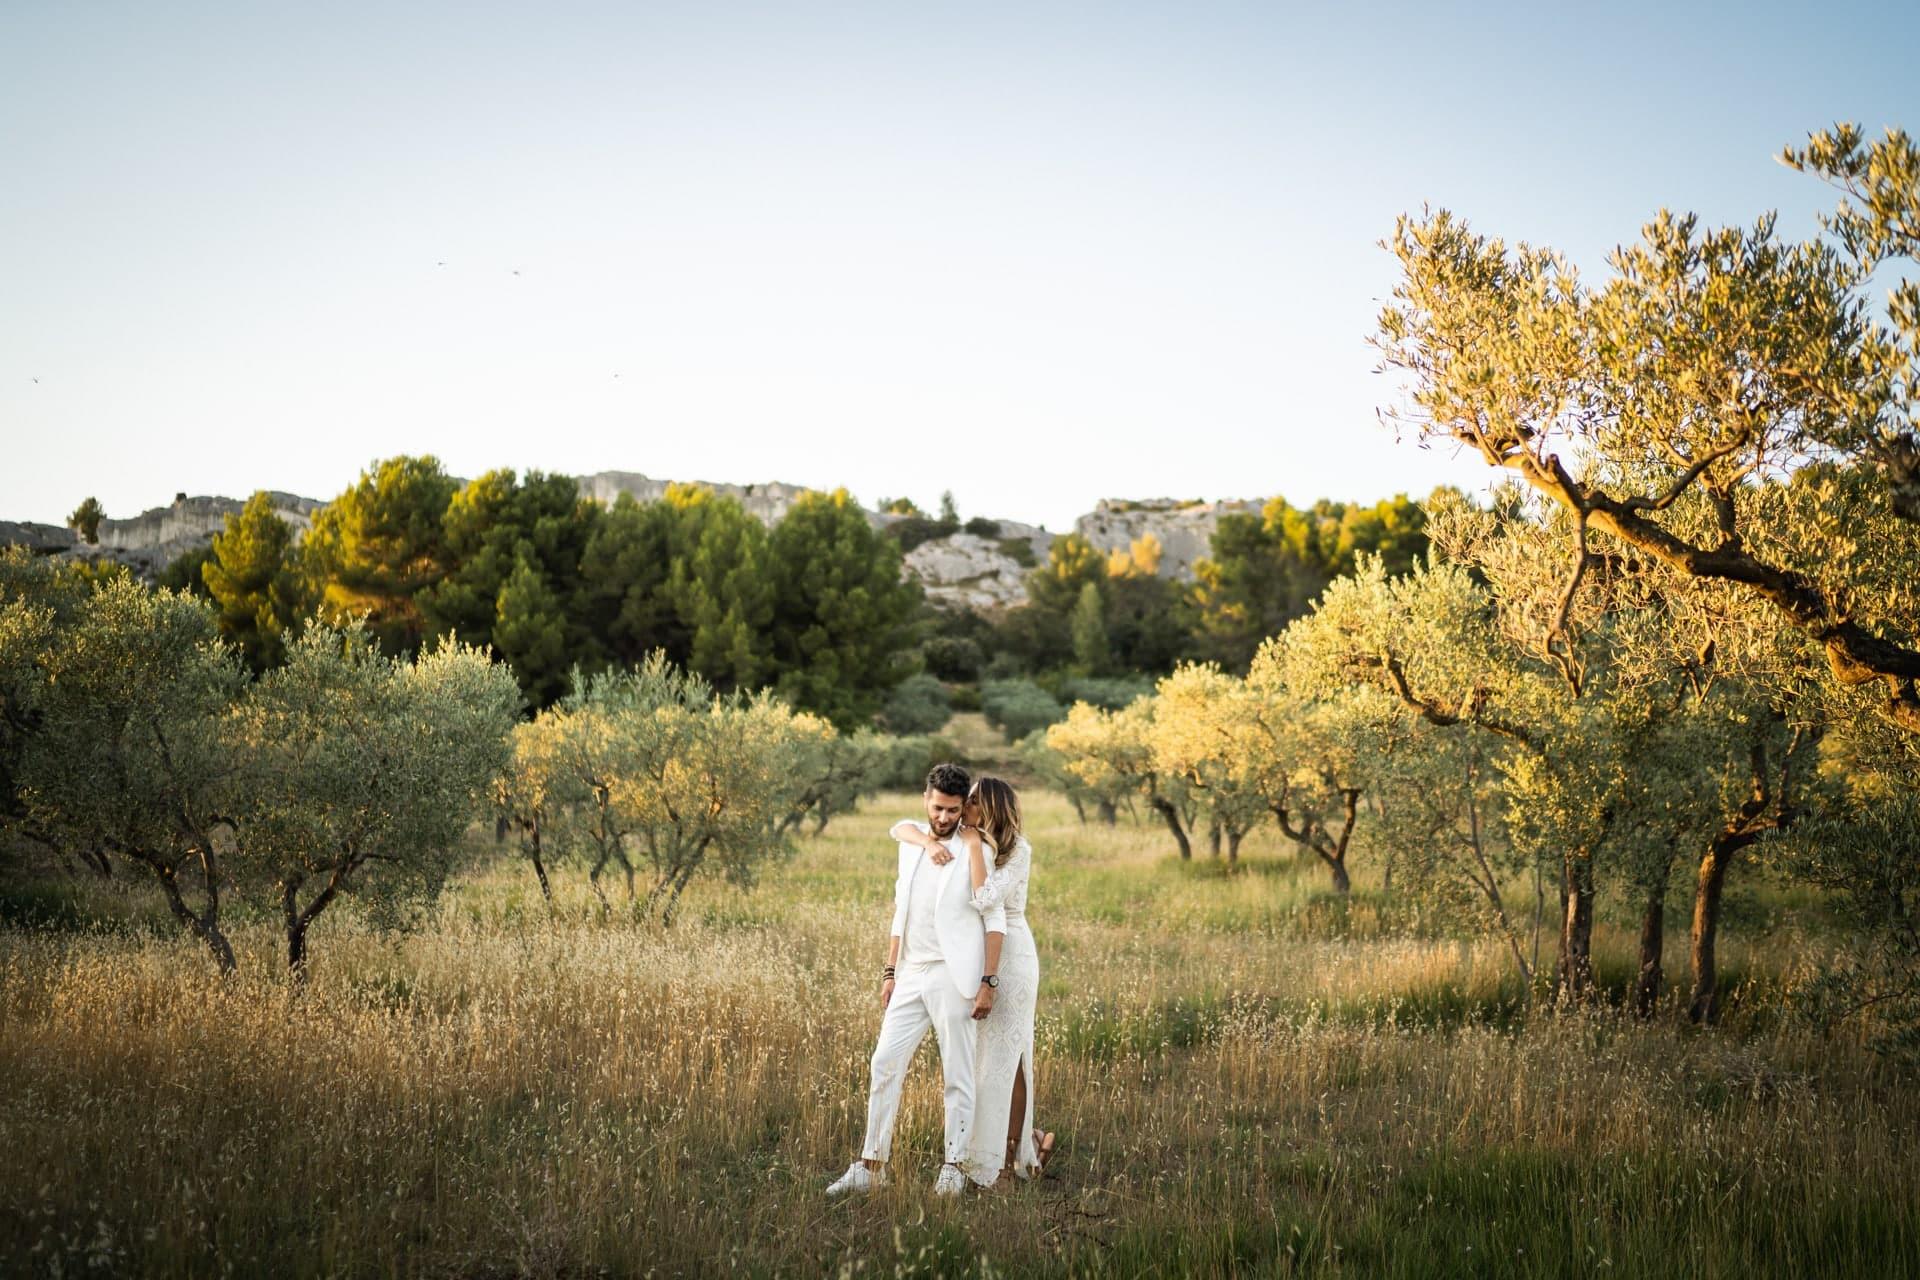 Photographe à Marseille de Mariage dans les champs d'olivier